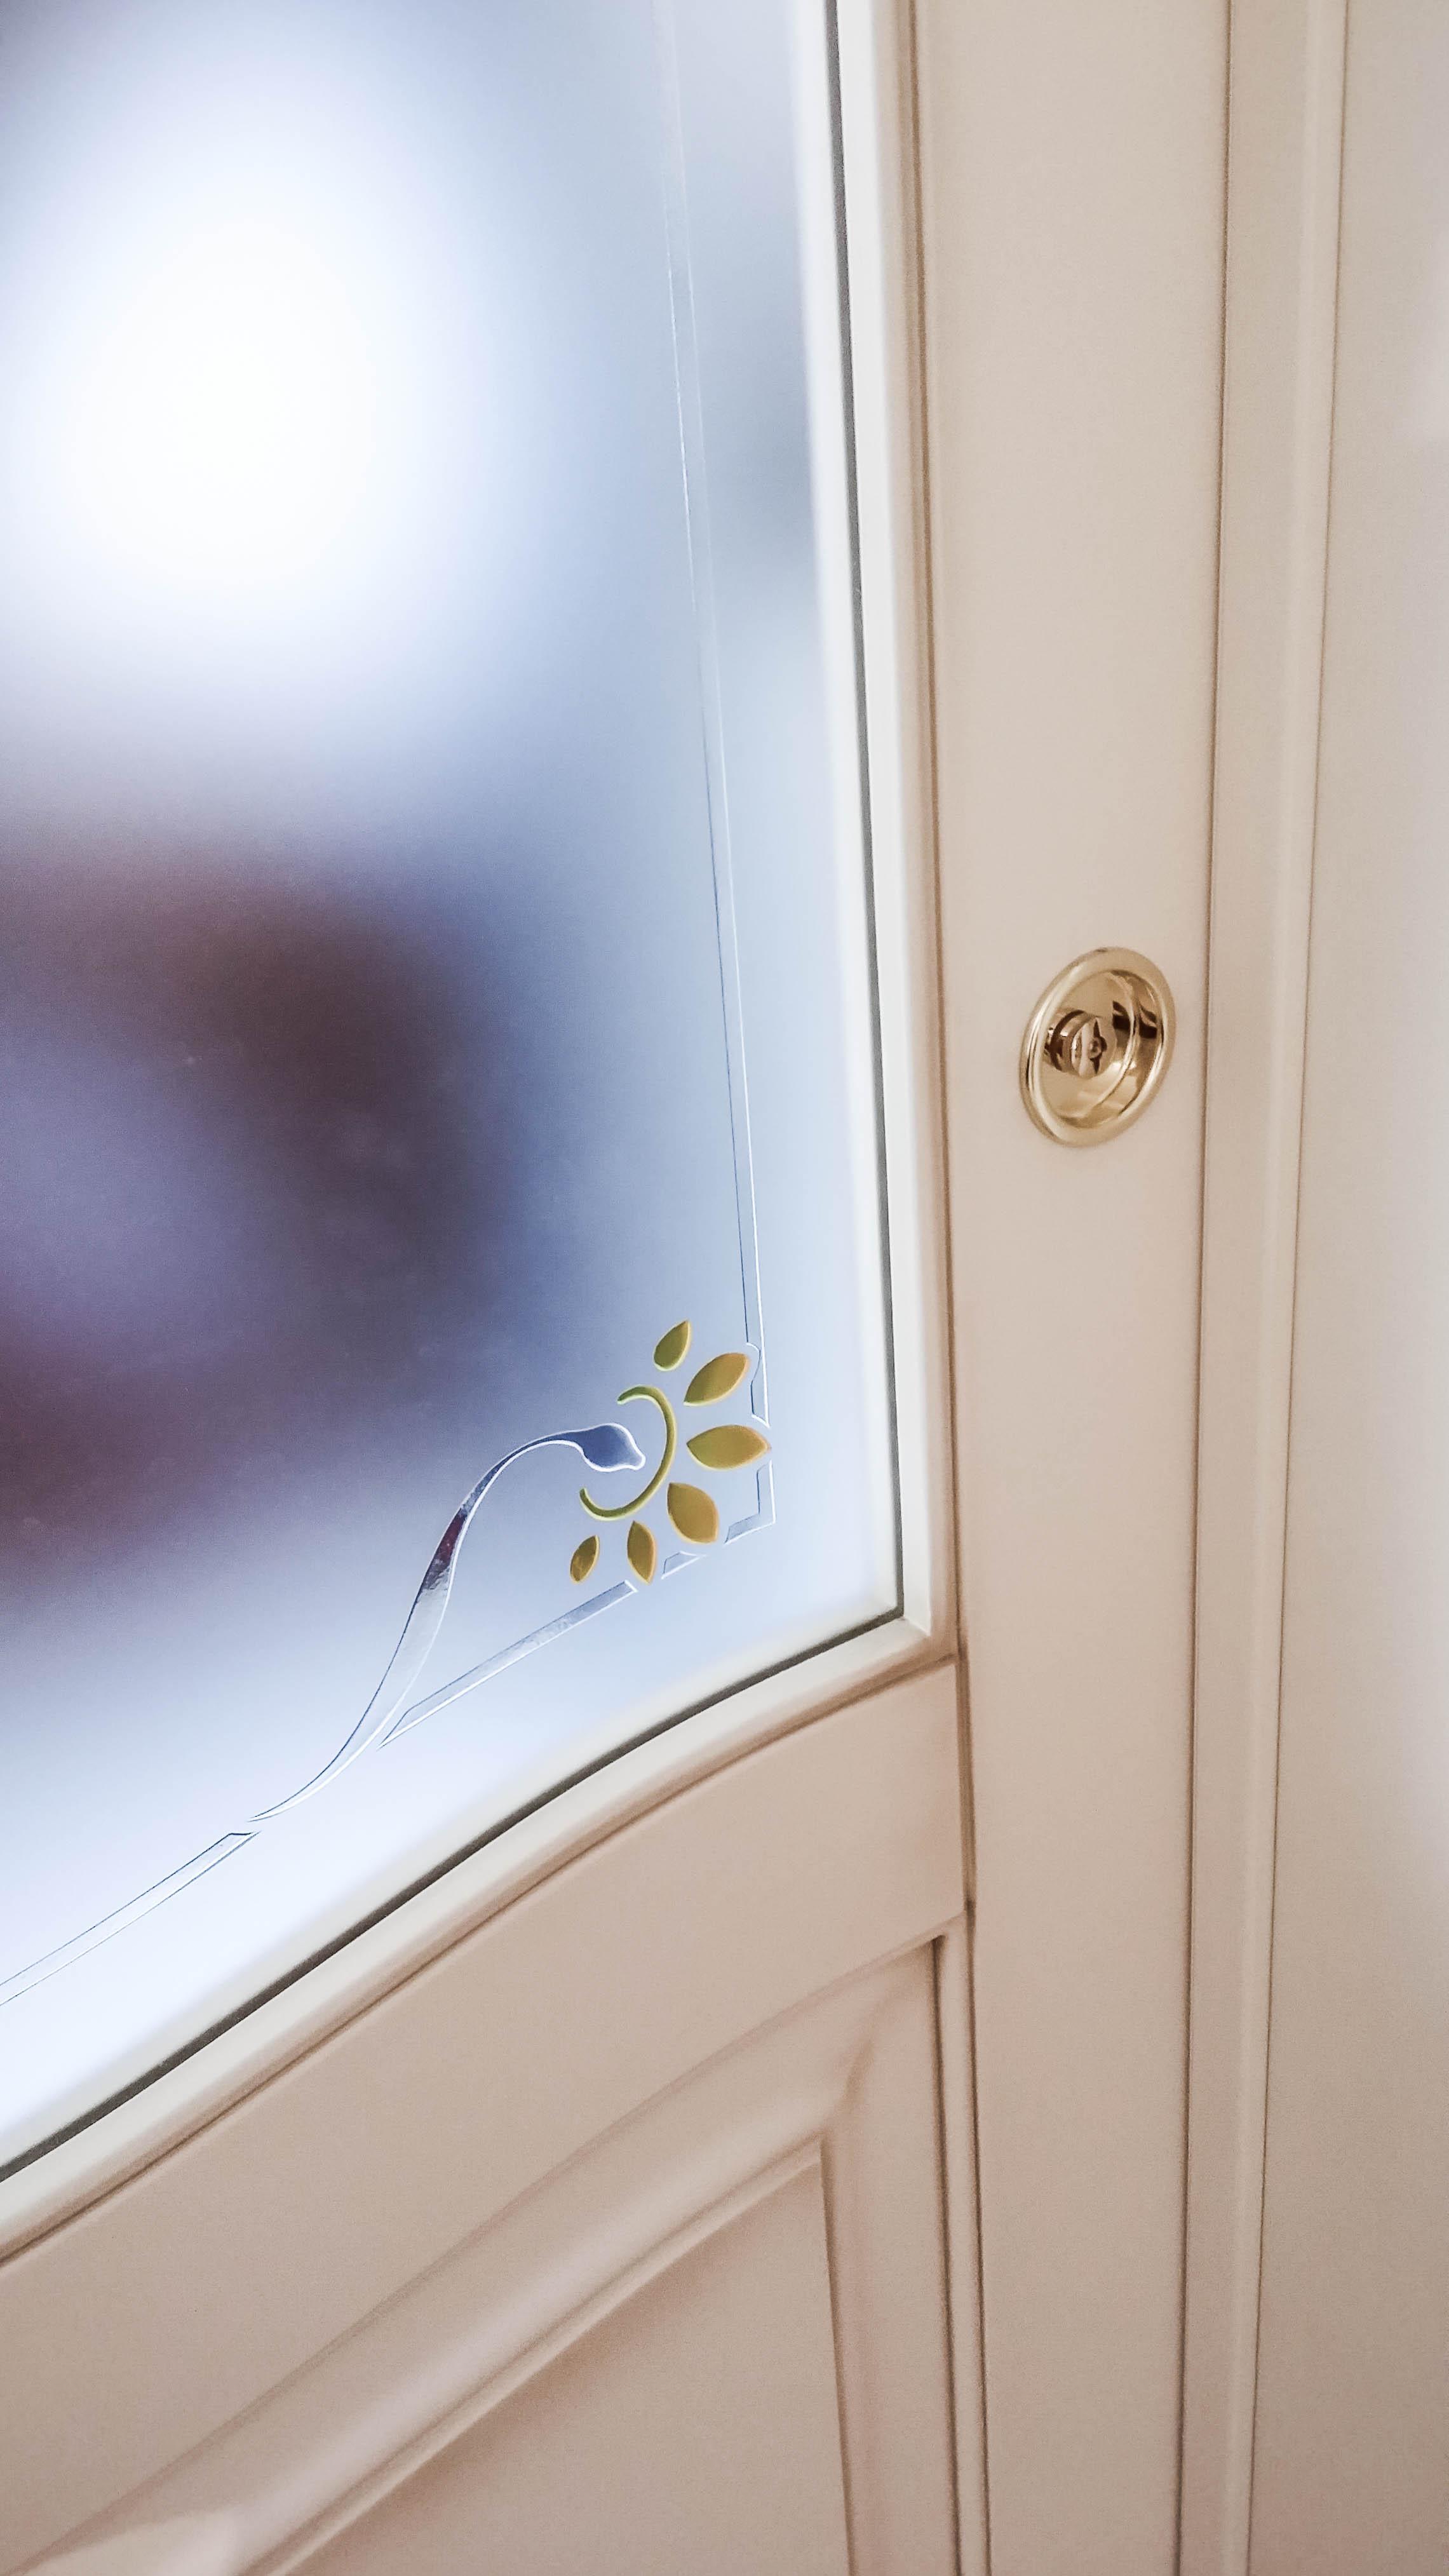 Esempi porte interne classiche modello gemma xilema for Porte interne vetro